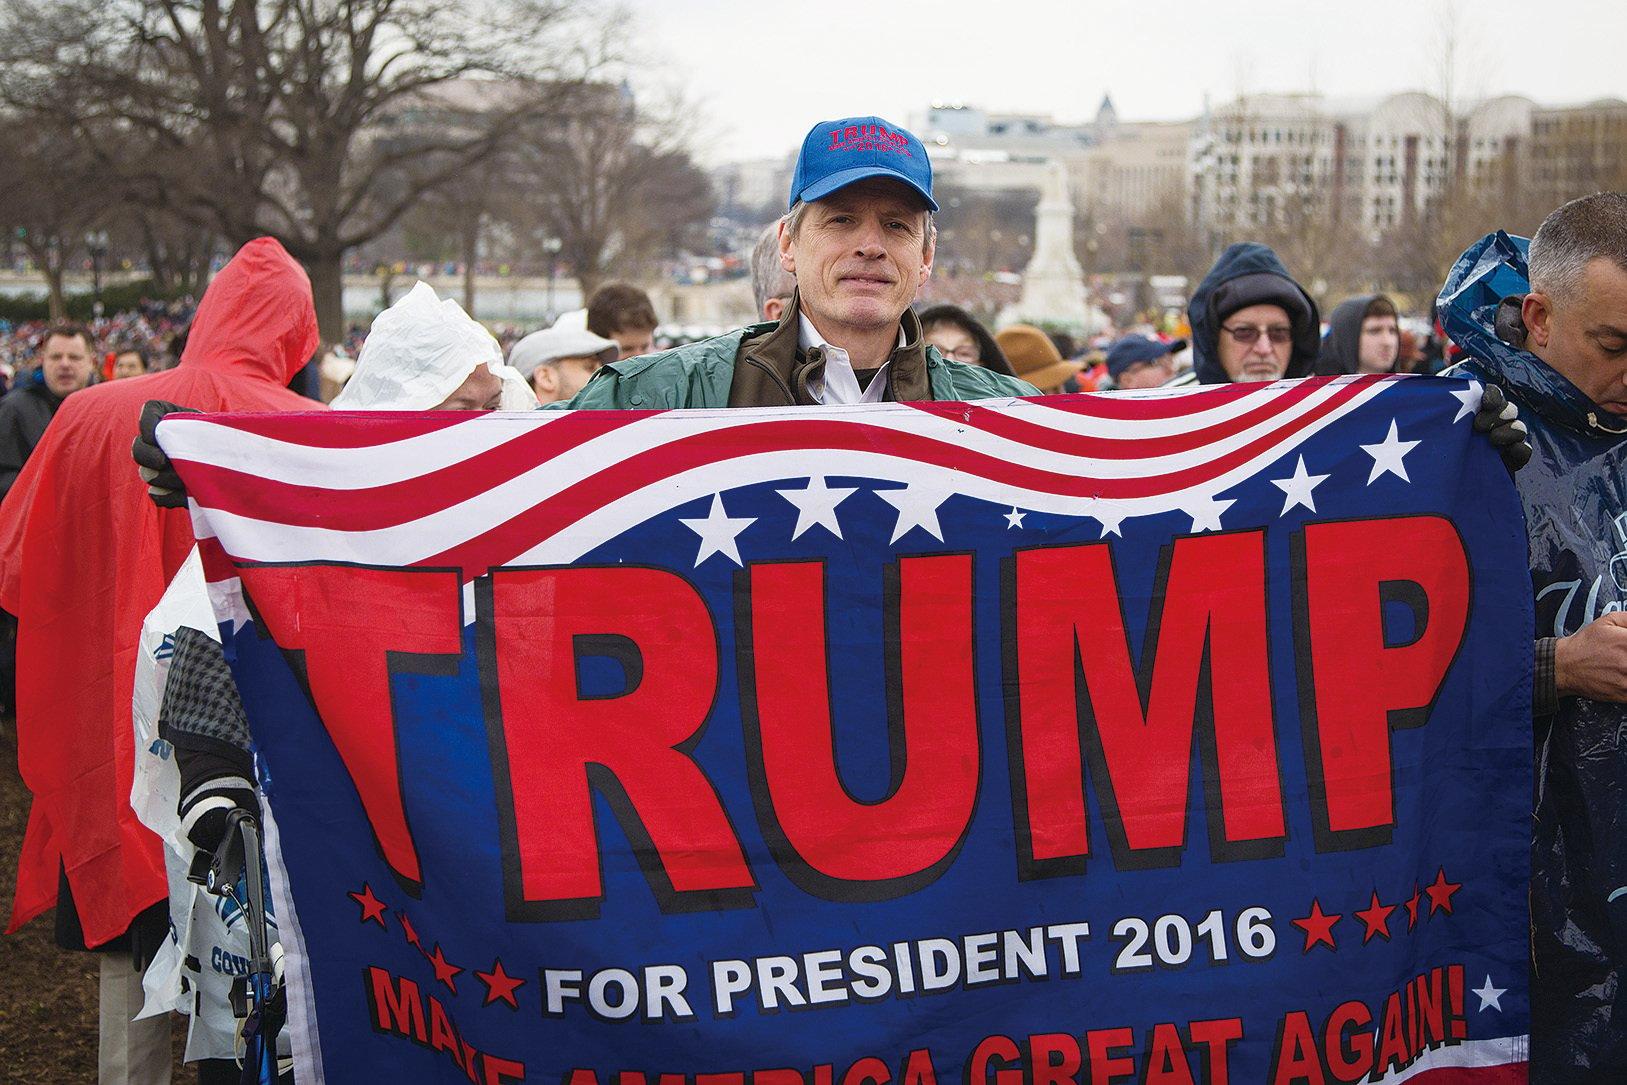 在特朗普就職典禮上,支持者展示印有特朗普(Trump)名字的橫幅。(Ben Chasteen/Epoch Times)